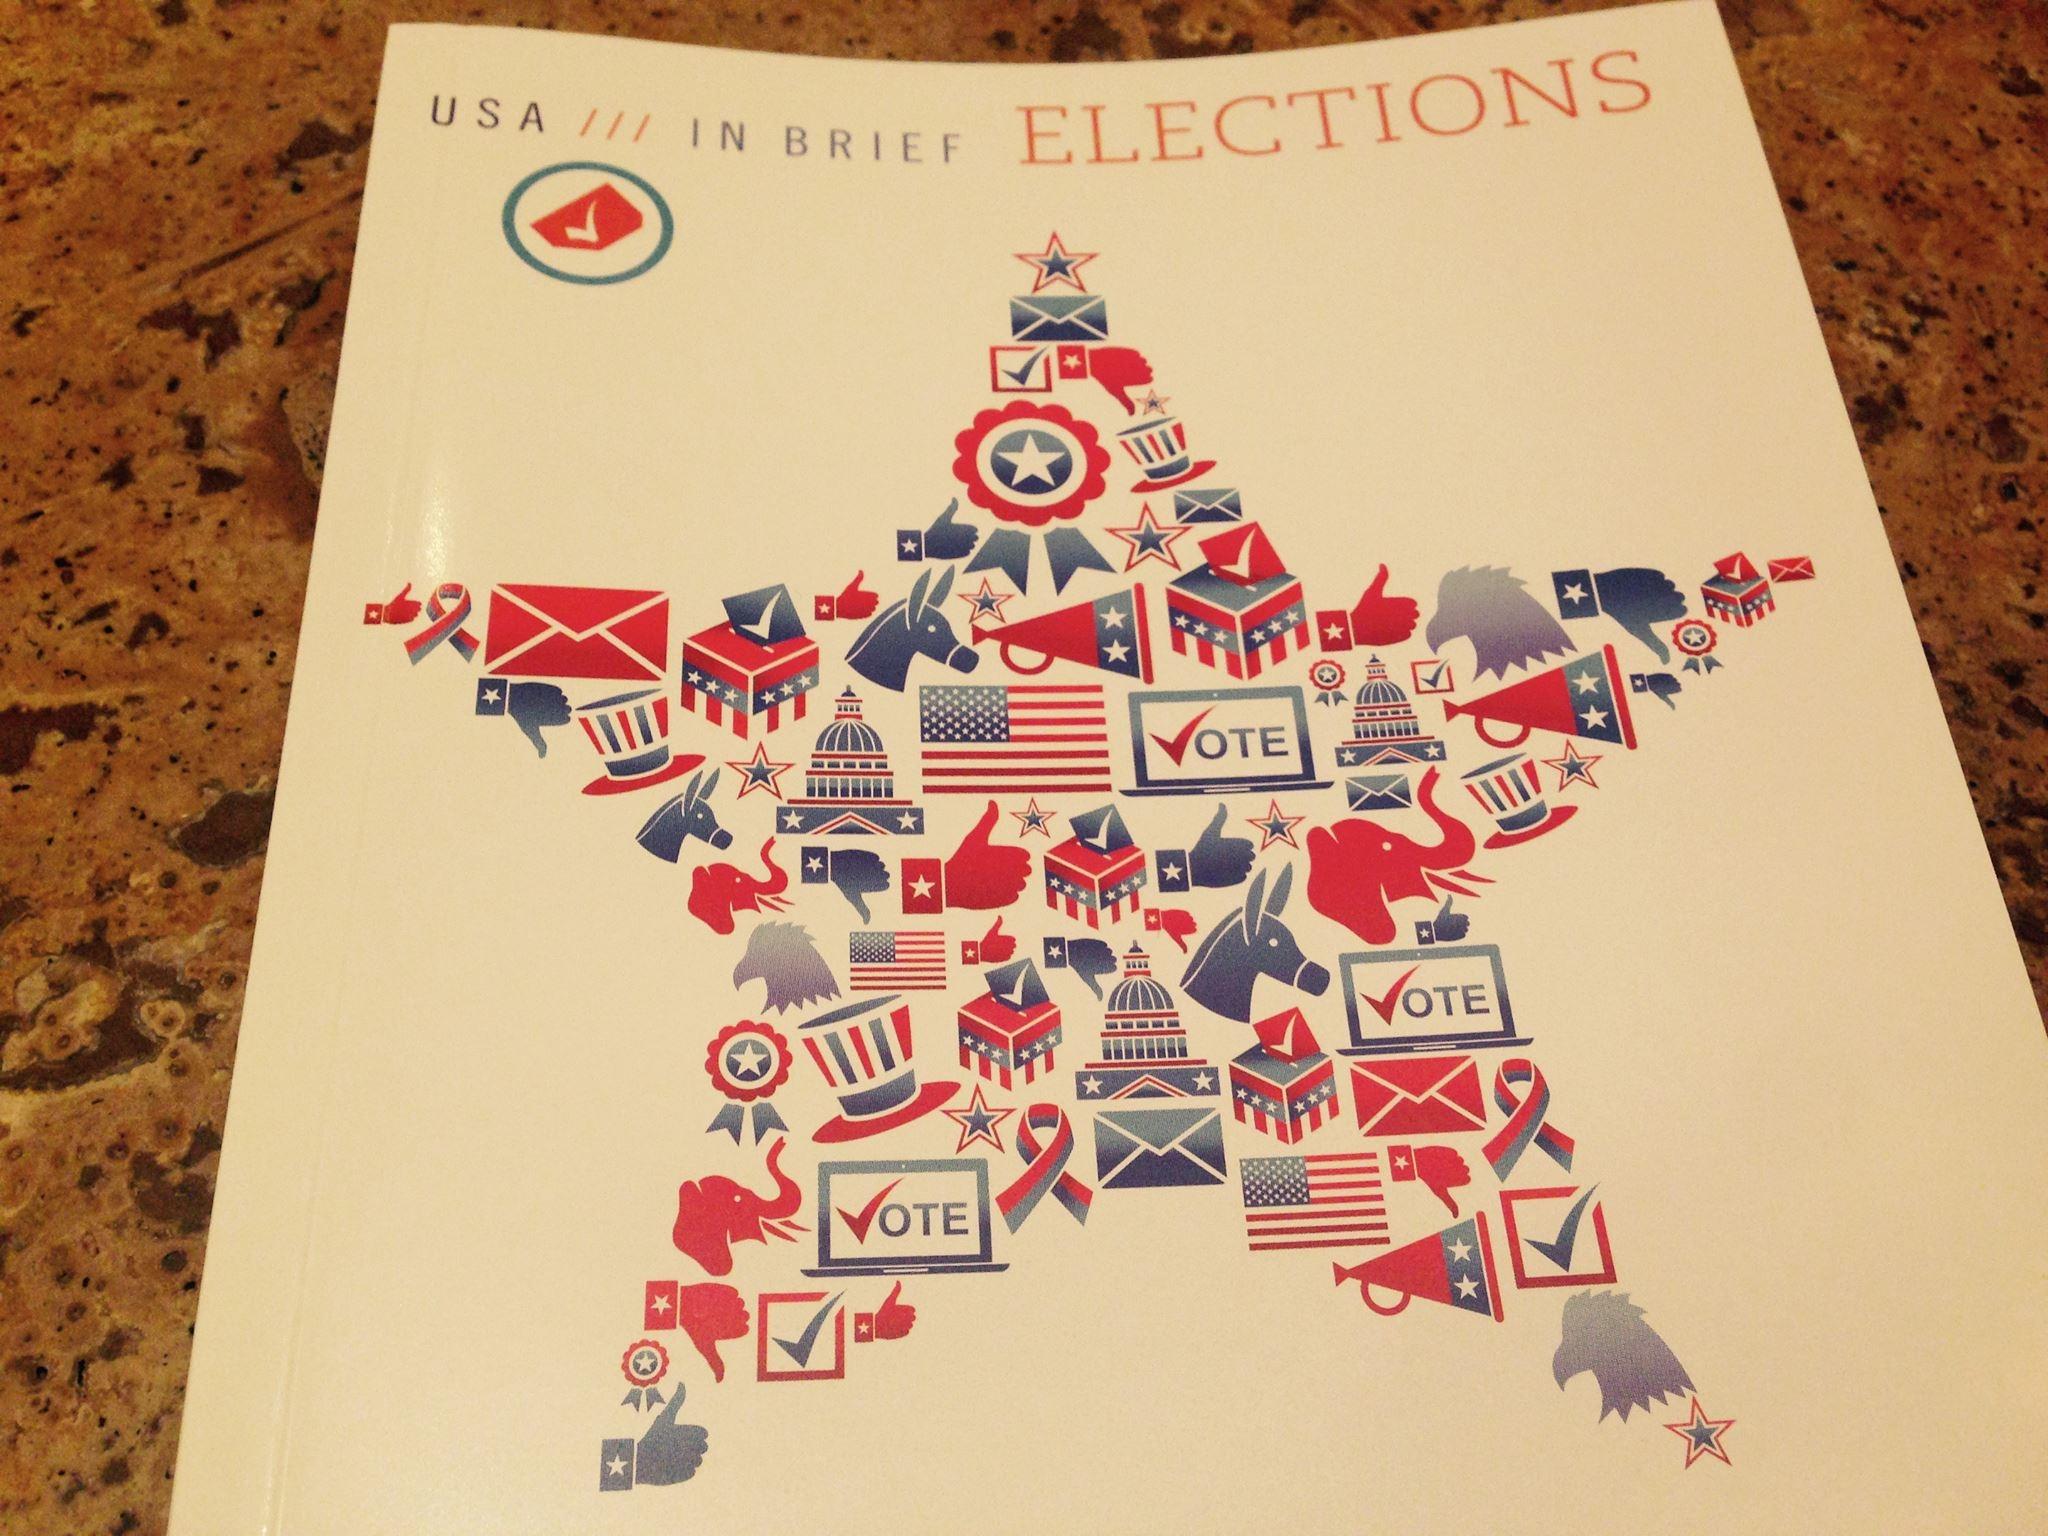 usa_elections.jpg